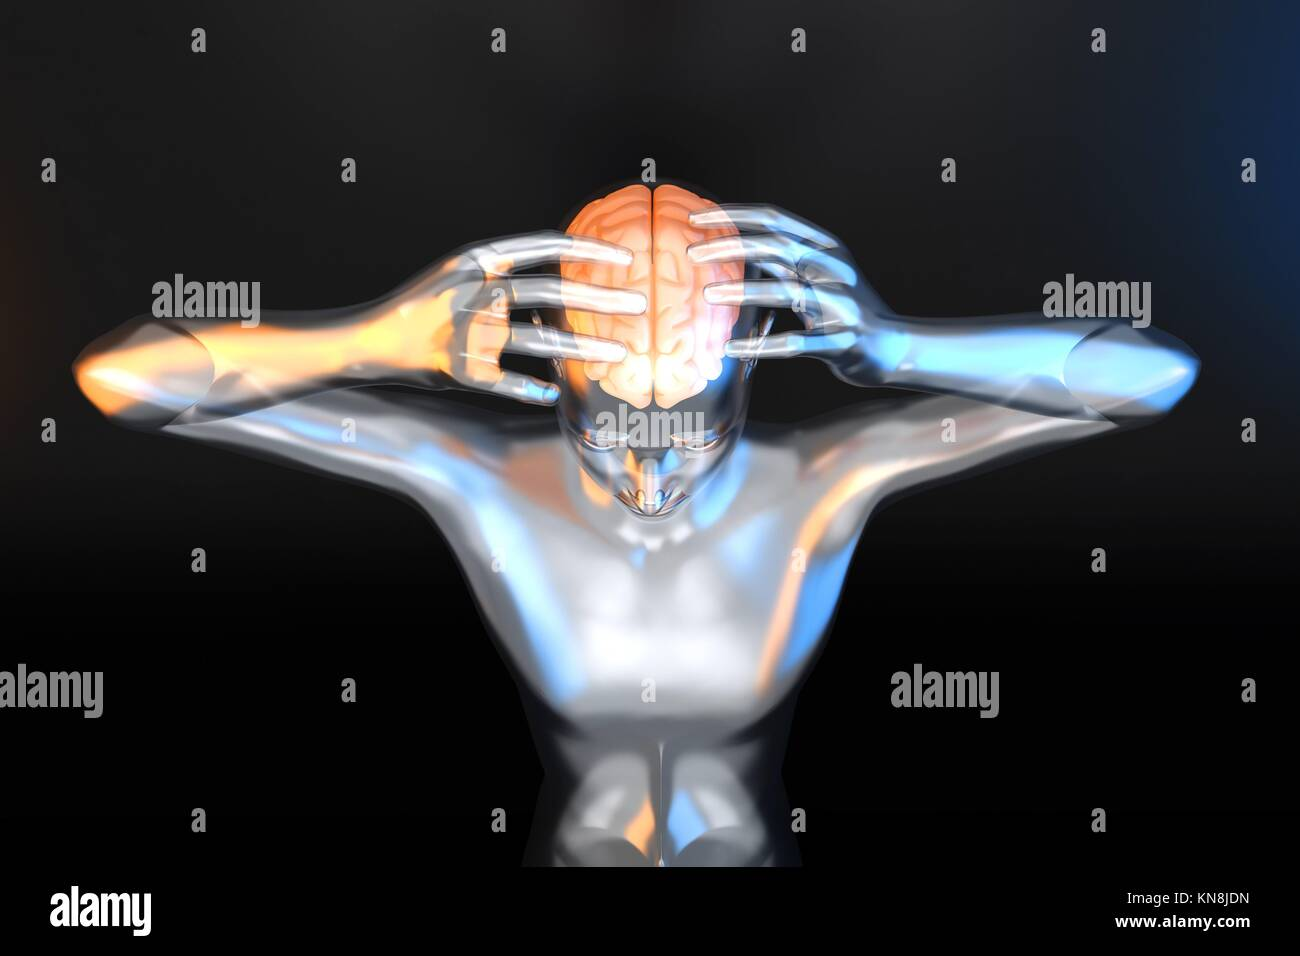 Poder Mental y la creatividad. Ilustración 3D prestados. Imagen De Stock